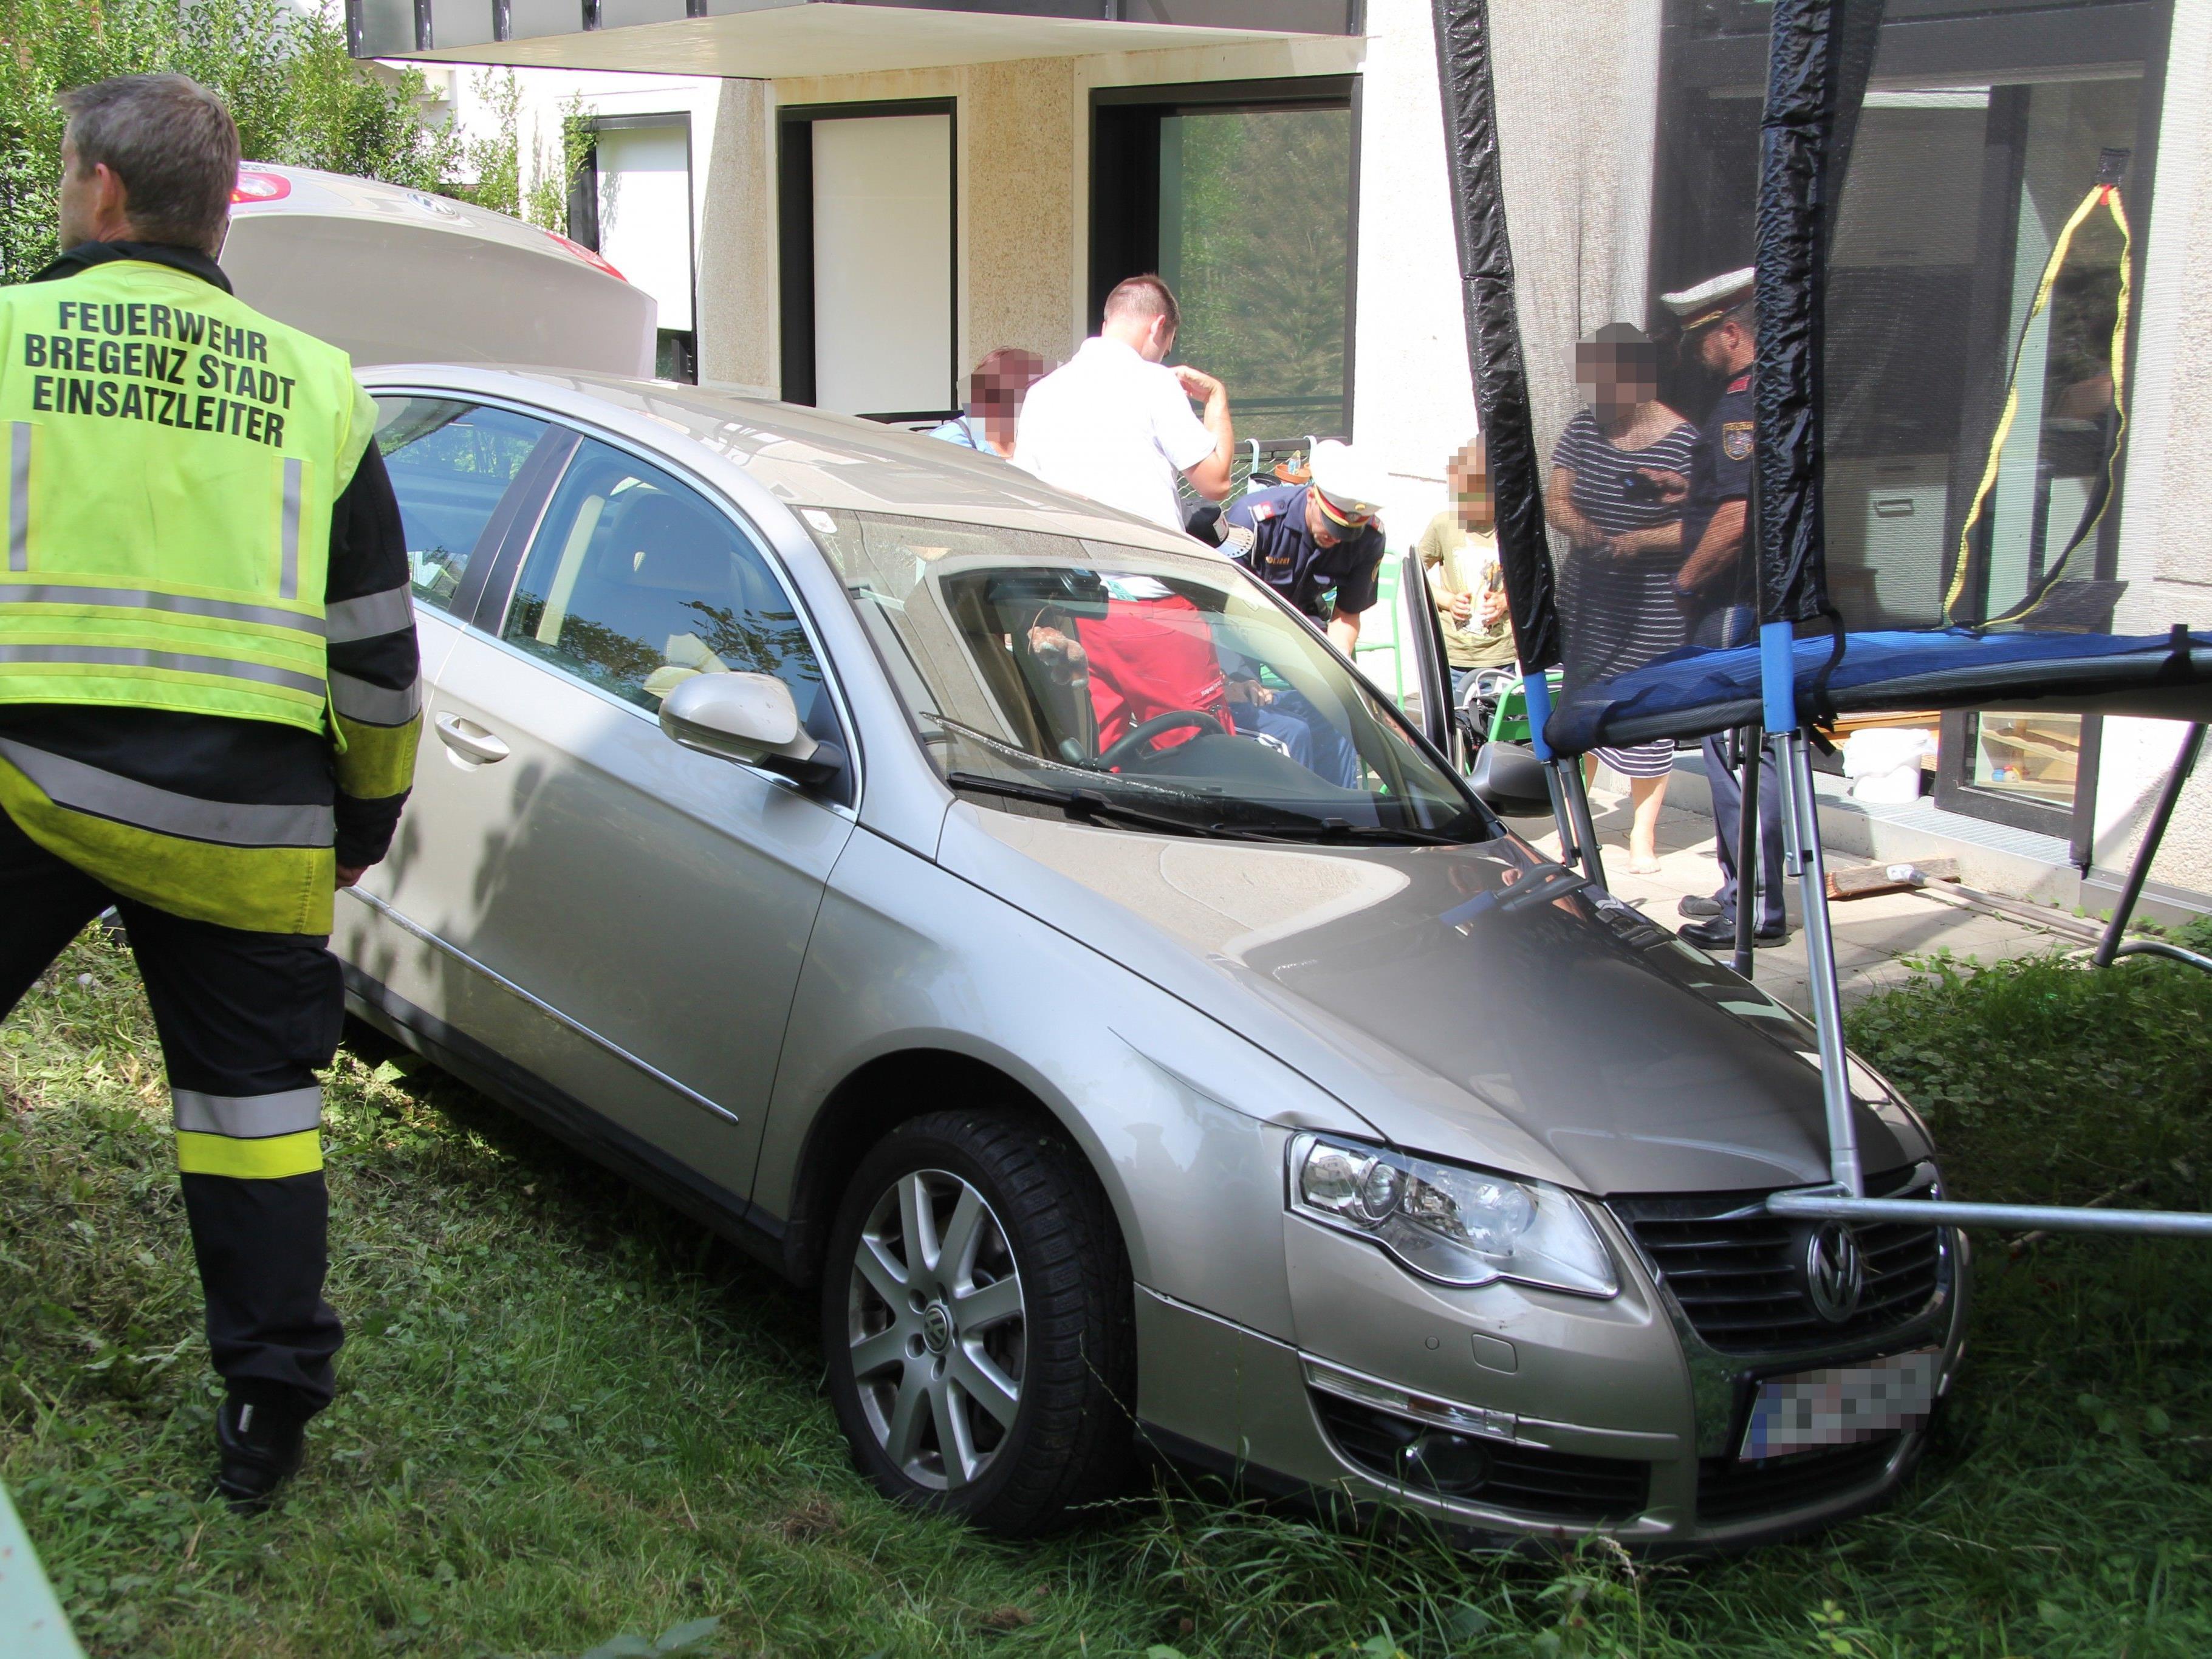 Das Auto kam im Garten unter einem Trampolin zum stehen.